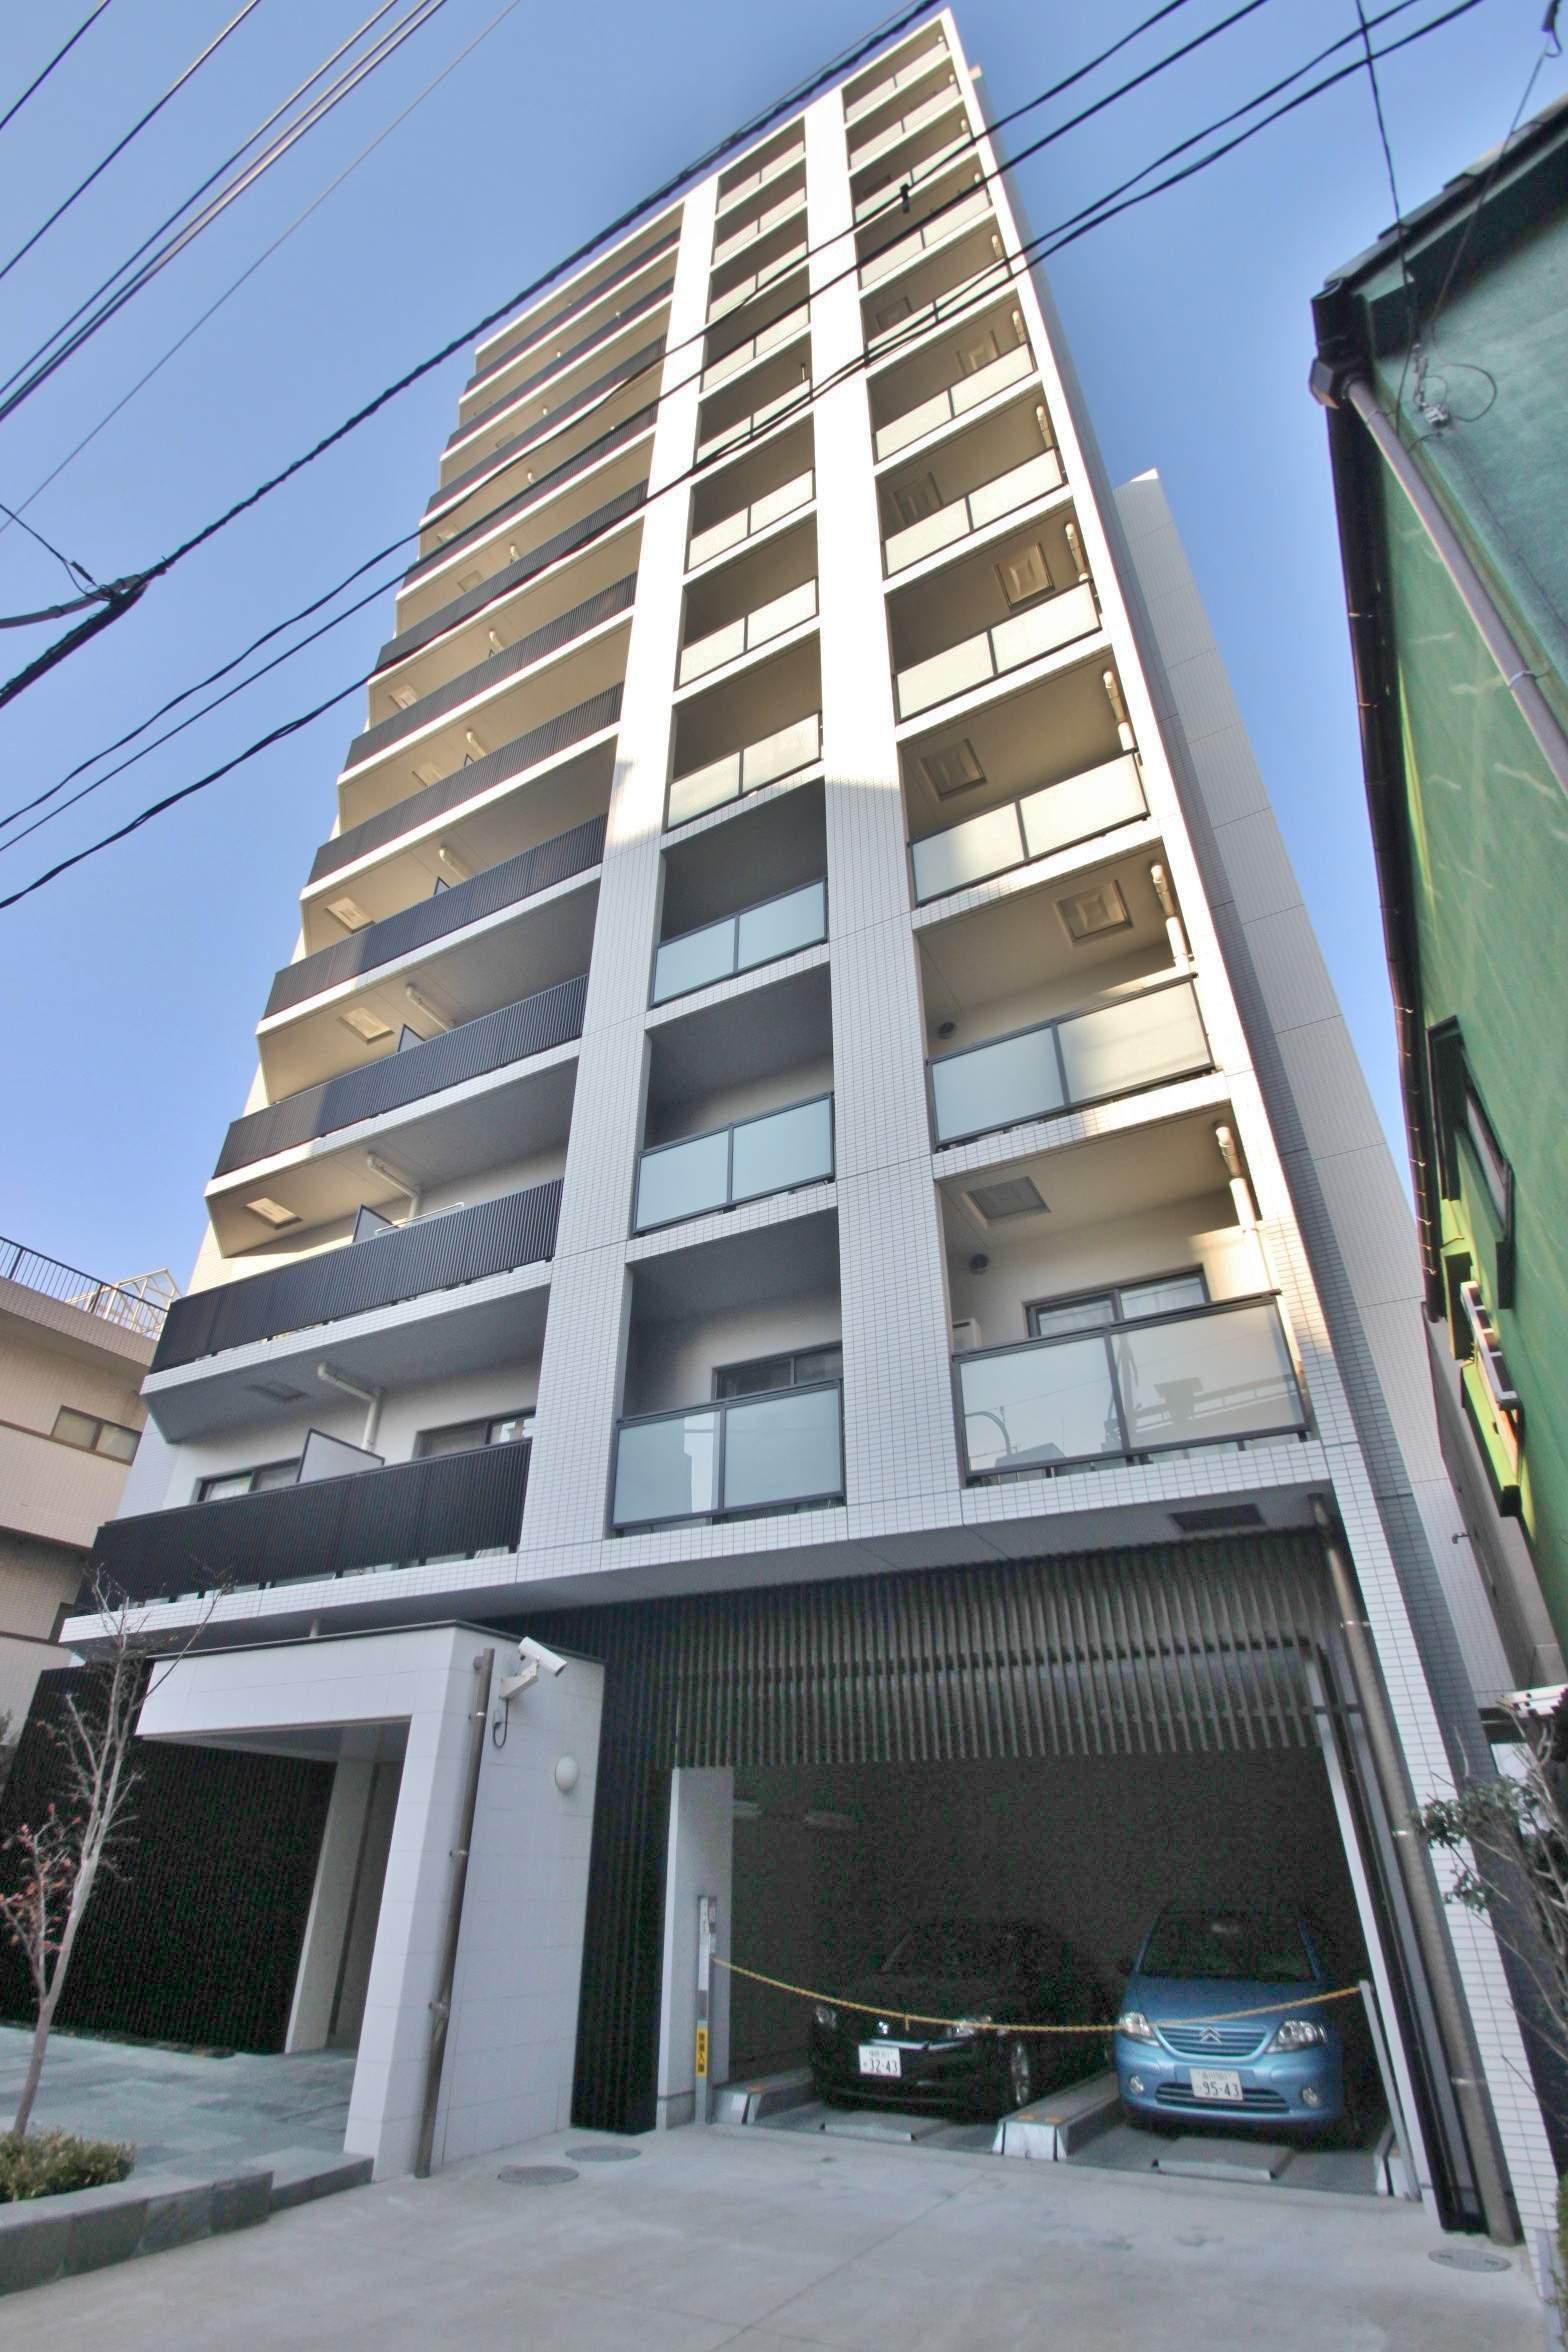 東京都江東区、越中島駅徒歩12分の築9年 12階建の賃貸マンション